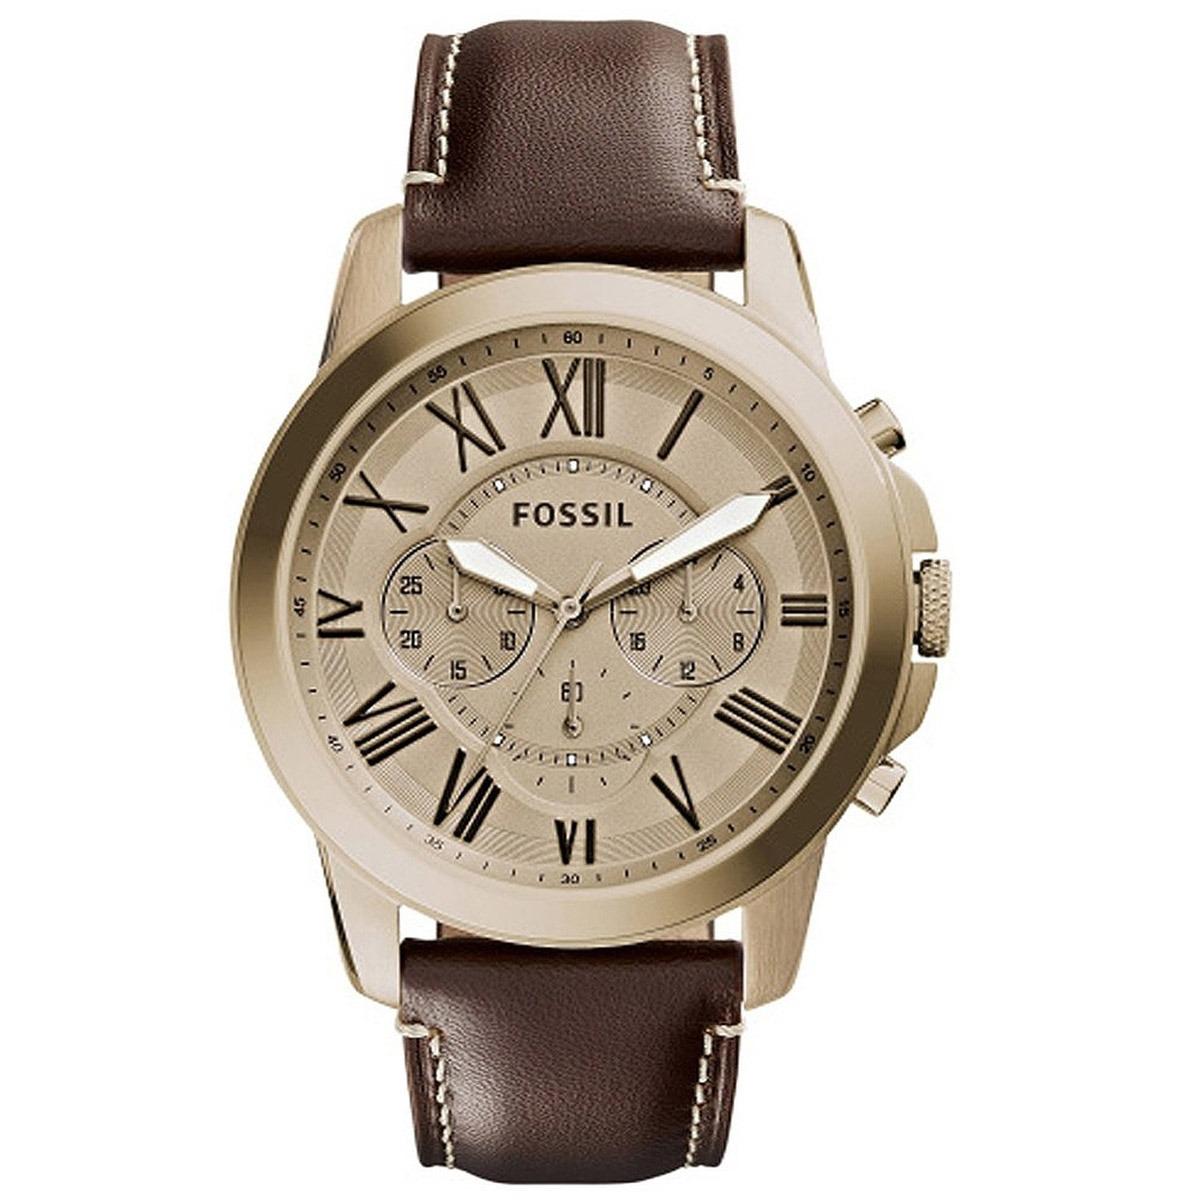 84732d8cce0 relógio fossil grant cronógrafo analógico masculino fs5107 2. Carregando  zoom.